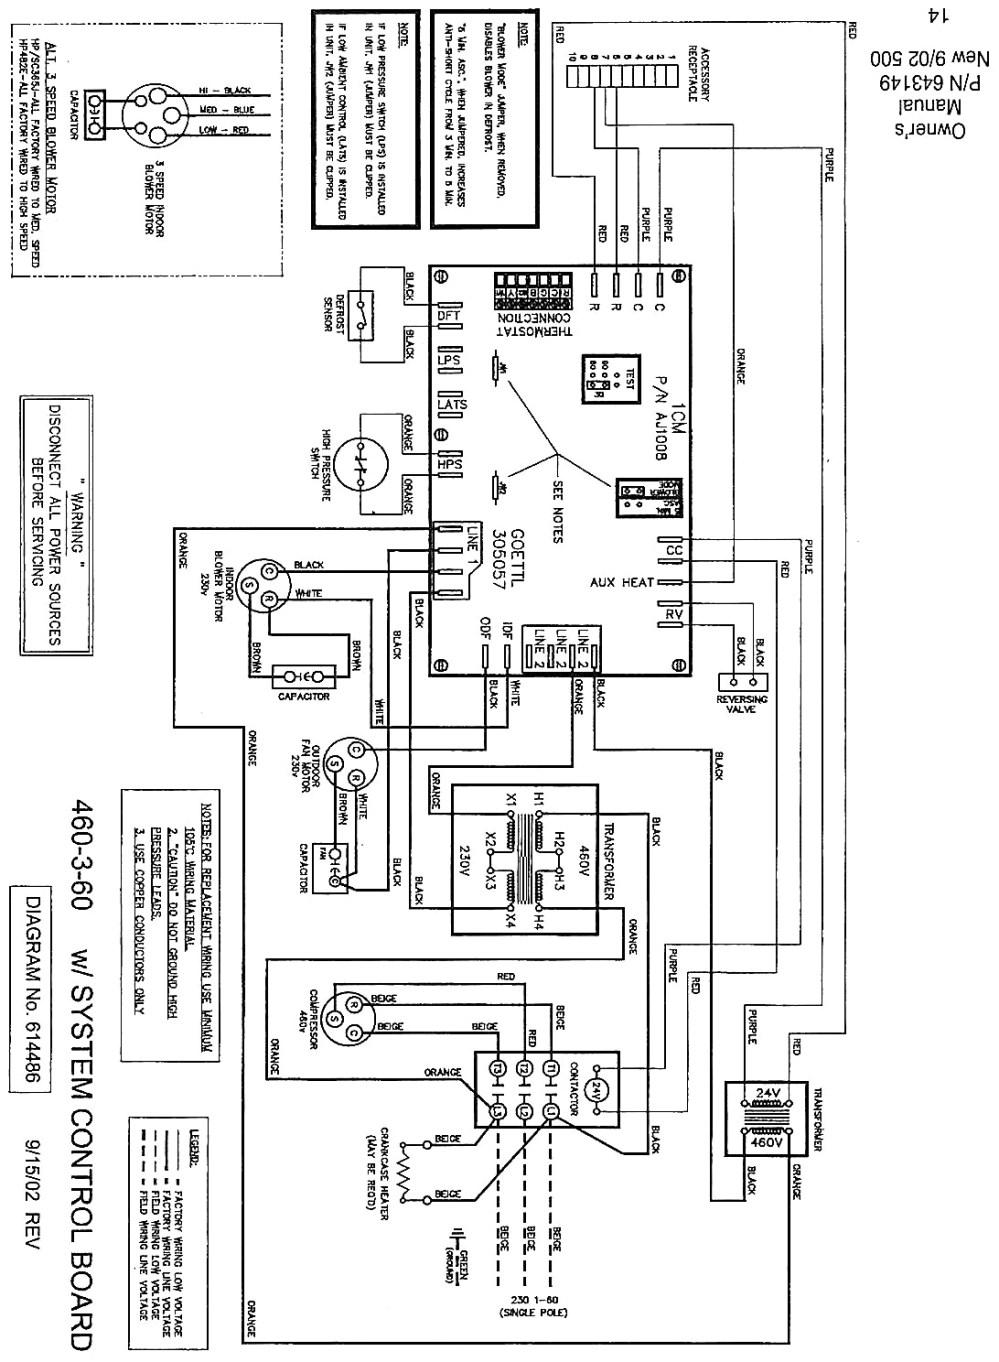 medium resolution of goodman heat pump package unit wiring diagram heat pump wiring diagram elegant model goodman package